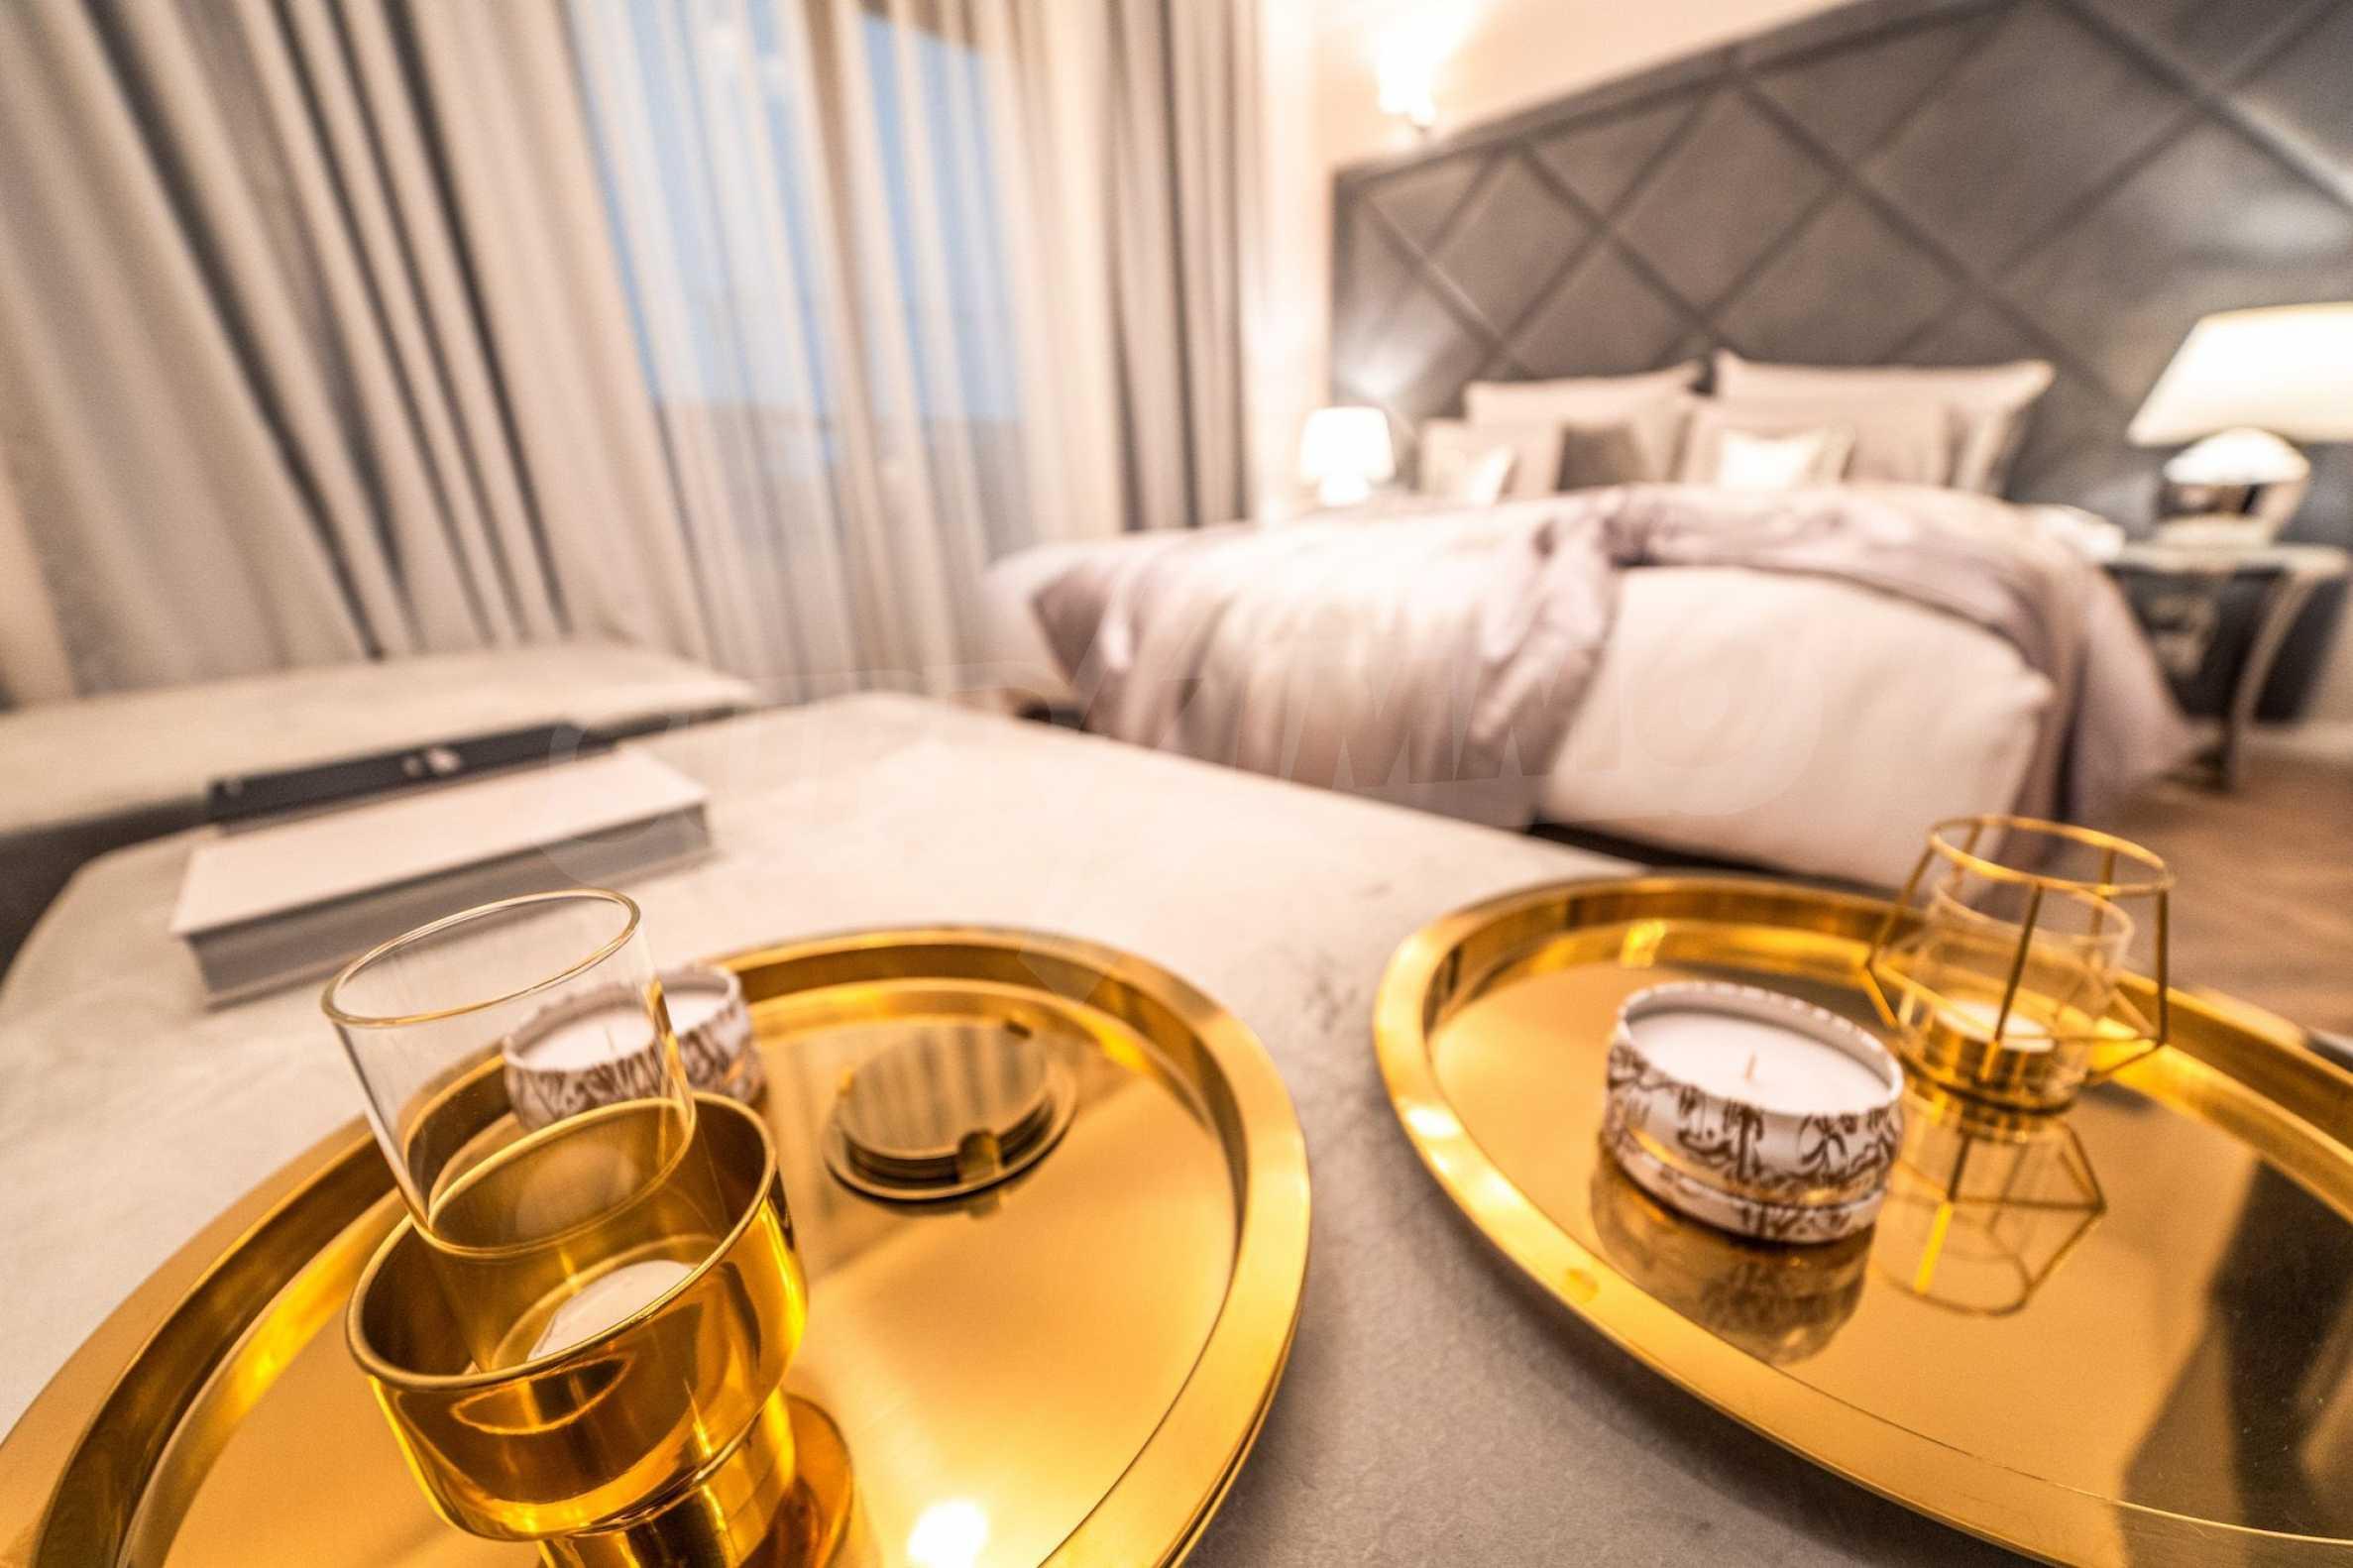 Erstklassige Apartments  zum TOP-Preis ab 890 €/m² im Komplex im Stil der französischen Renaissance (Akt 16) 7